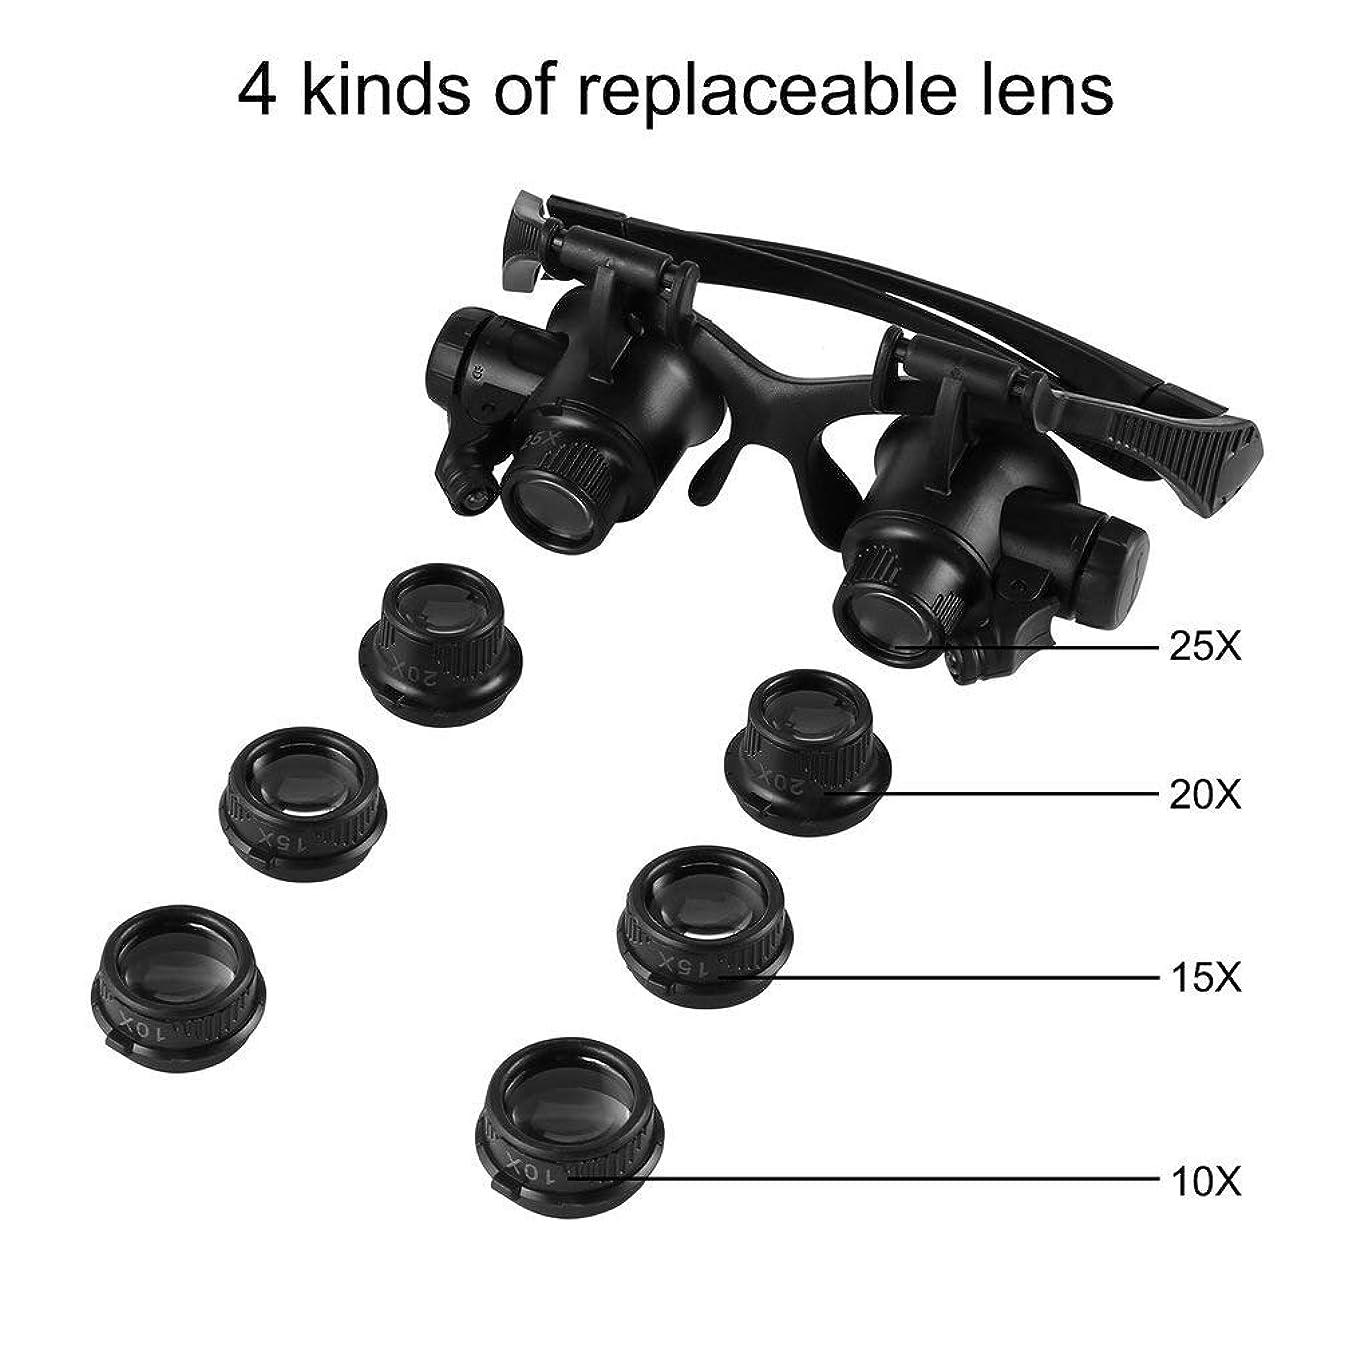 文芸誘惑する帝国教育?学習 虫眼鏡メガネルーペLED照明付き拡大鏡アイウェア時計修理10X 15X 20X 25Xデュアルアイジュエリールーペレンズ新しい